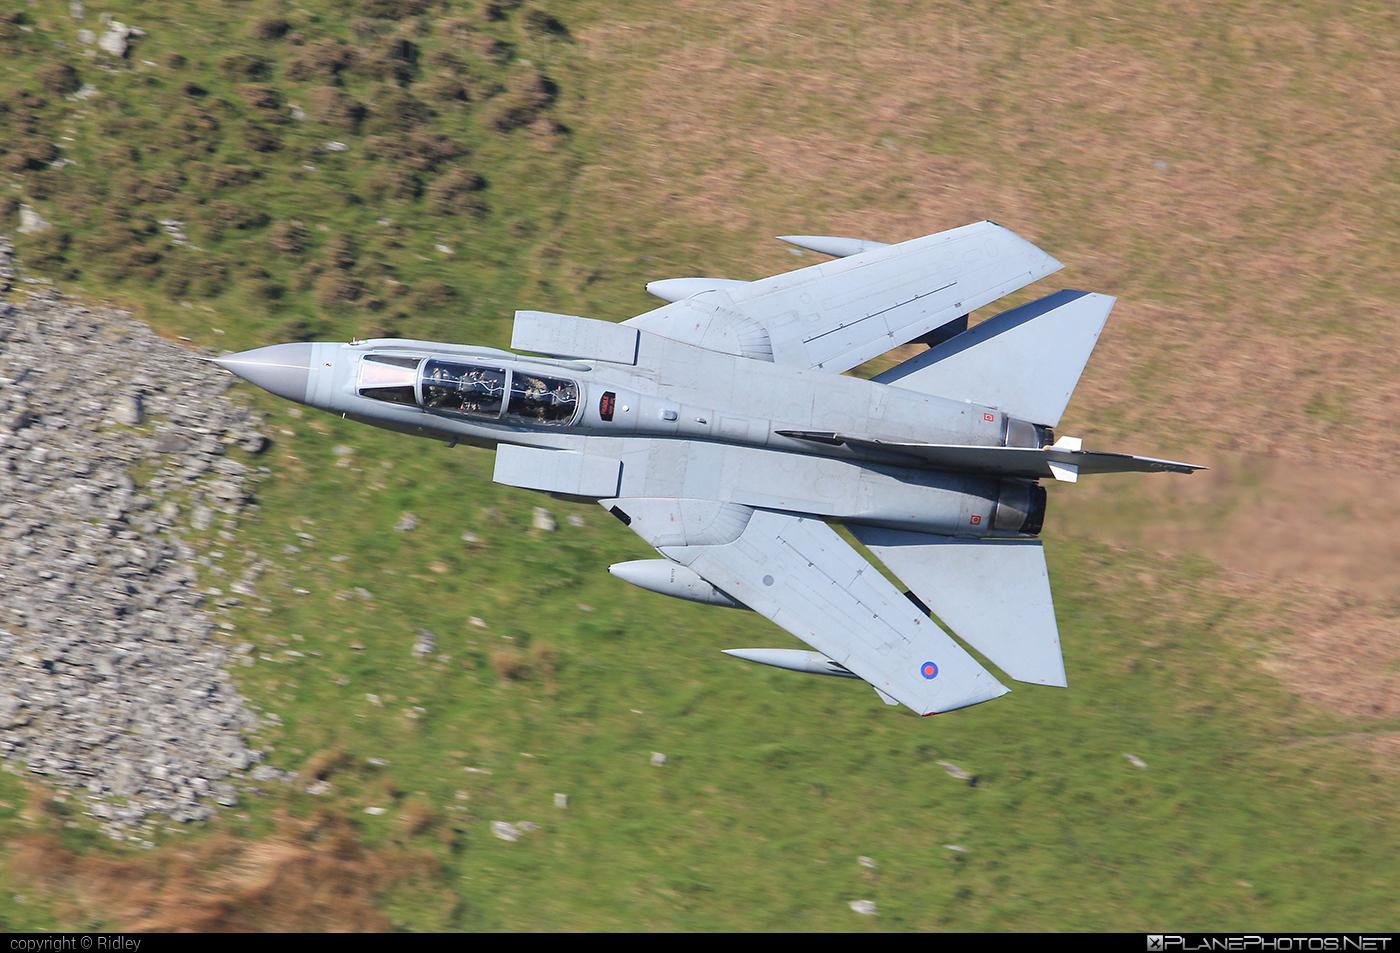 Panavia Tornado GR.4 - ZA369 operated by Royal Air Force (RAF) #machloop #panavia #panaviatornado #raf #royalairforce #tornadogr4